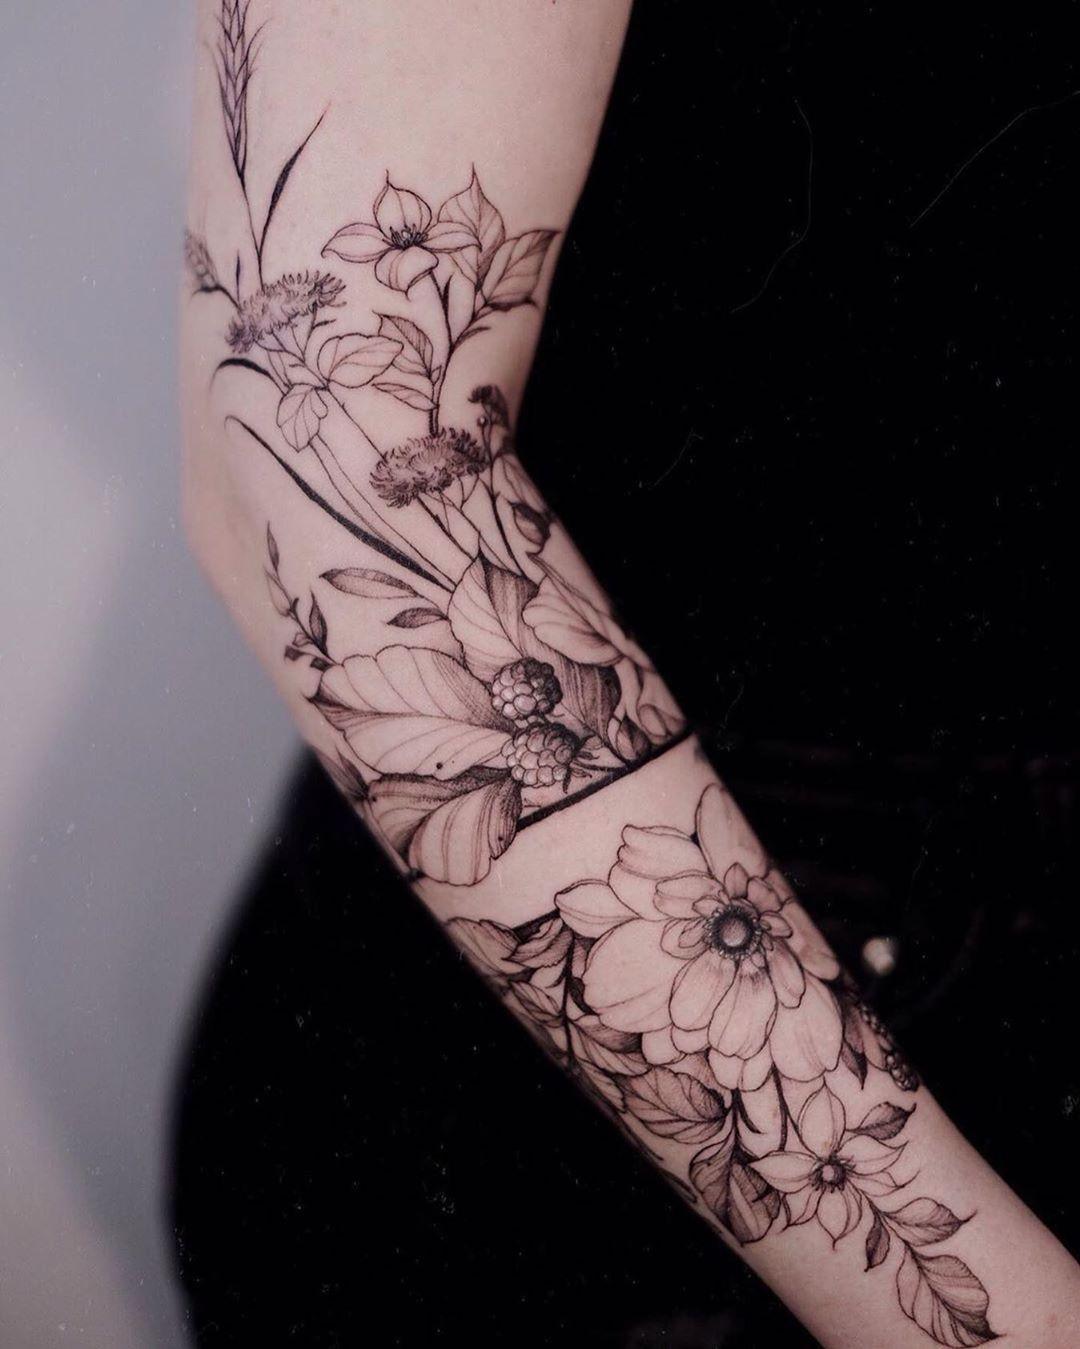 Tattoo artist: Diana Severinenko, Kyiv @dianaseverinenko  ___ #the_tattooed_ukraine #tattooed #ukraine #tattoos #tattoos #tattooing #tattoooftheday #tat #tattooer #тату #inked #bigtattoo #tatouage #blacktattoo #tattoolife #dotwork #linework #татуировка #sketch #tatuaje #watercolortattoo #inkedgirls #dotworktattoo #lineworktattoo #graphictattoo #tattooidea #tattooartist #tattooart #t2 #ta2